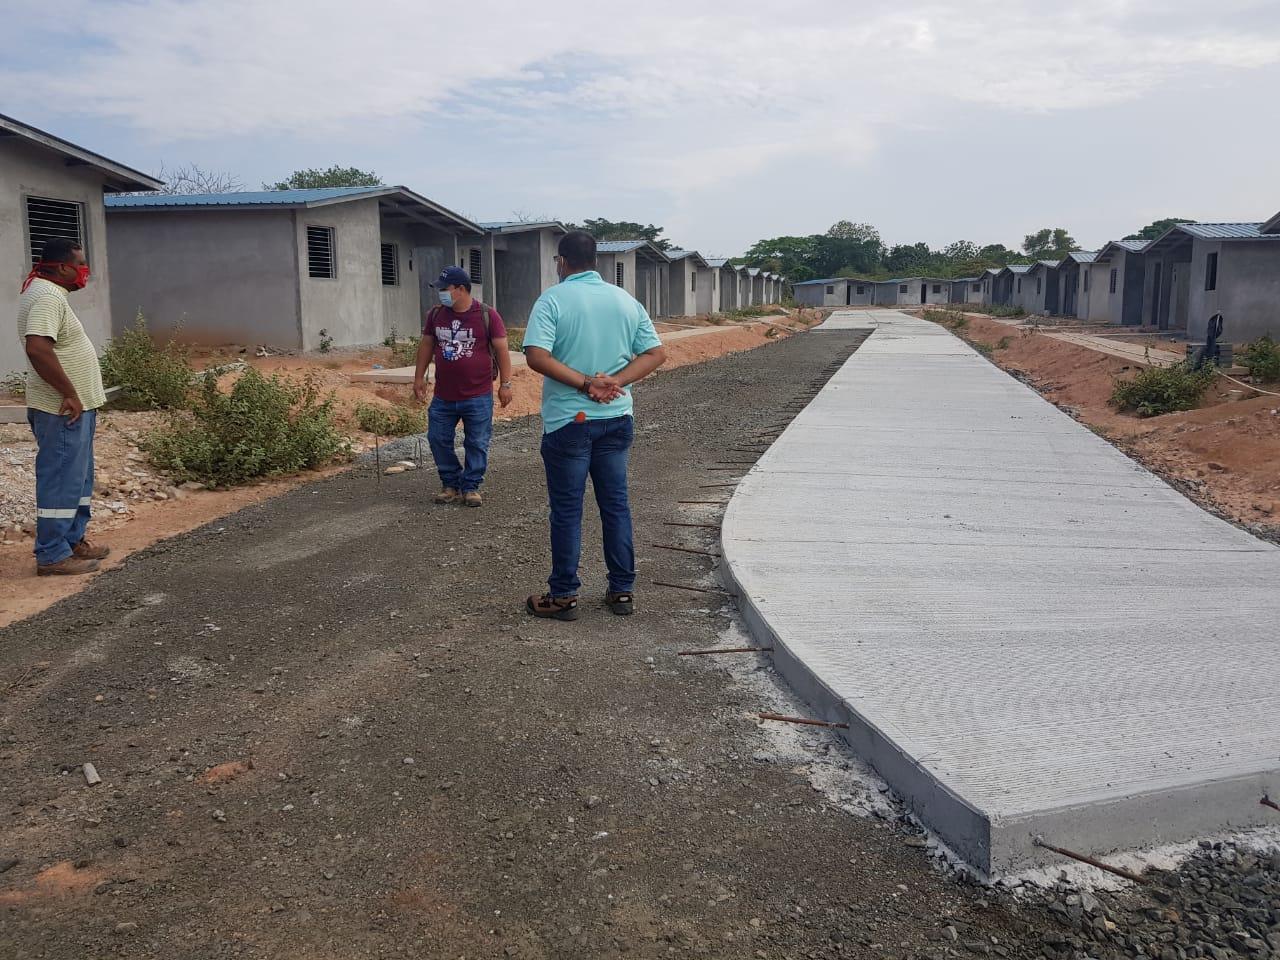 Más de 100 familias esperan que les entreguen su vivienda en El Playón, distrito de Aguadulce